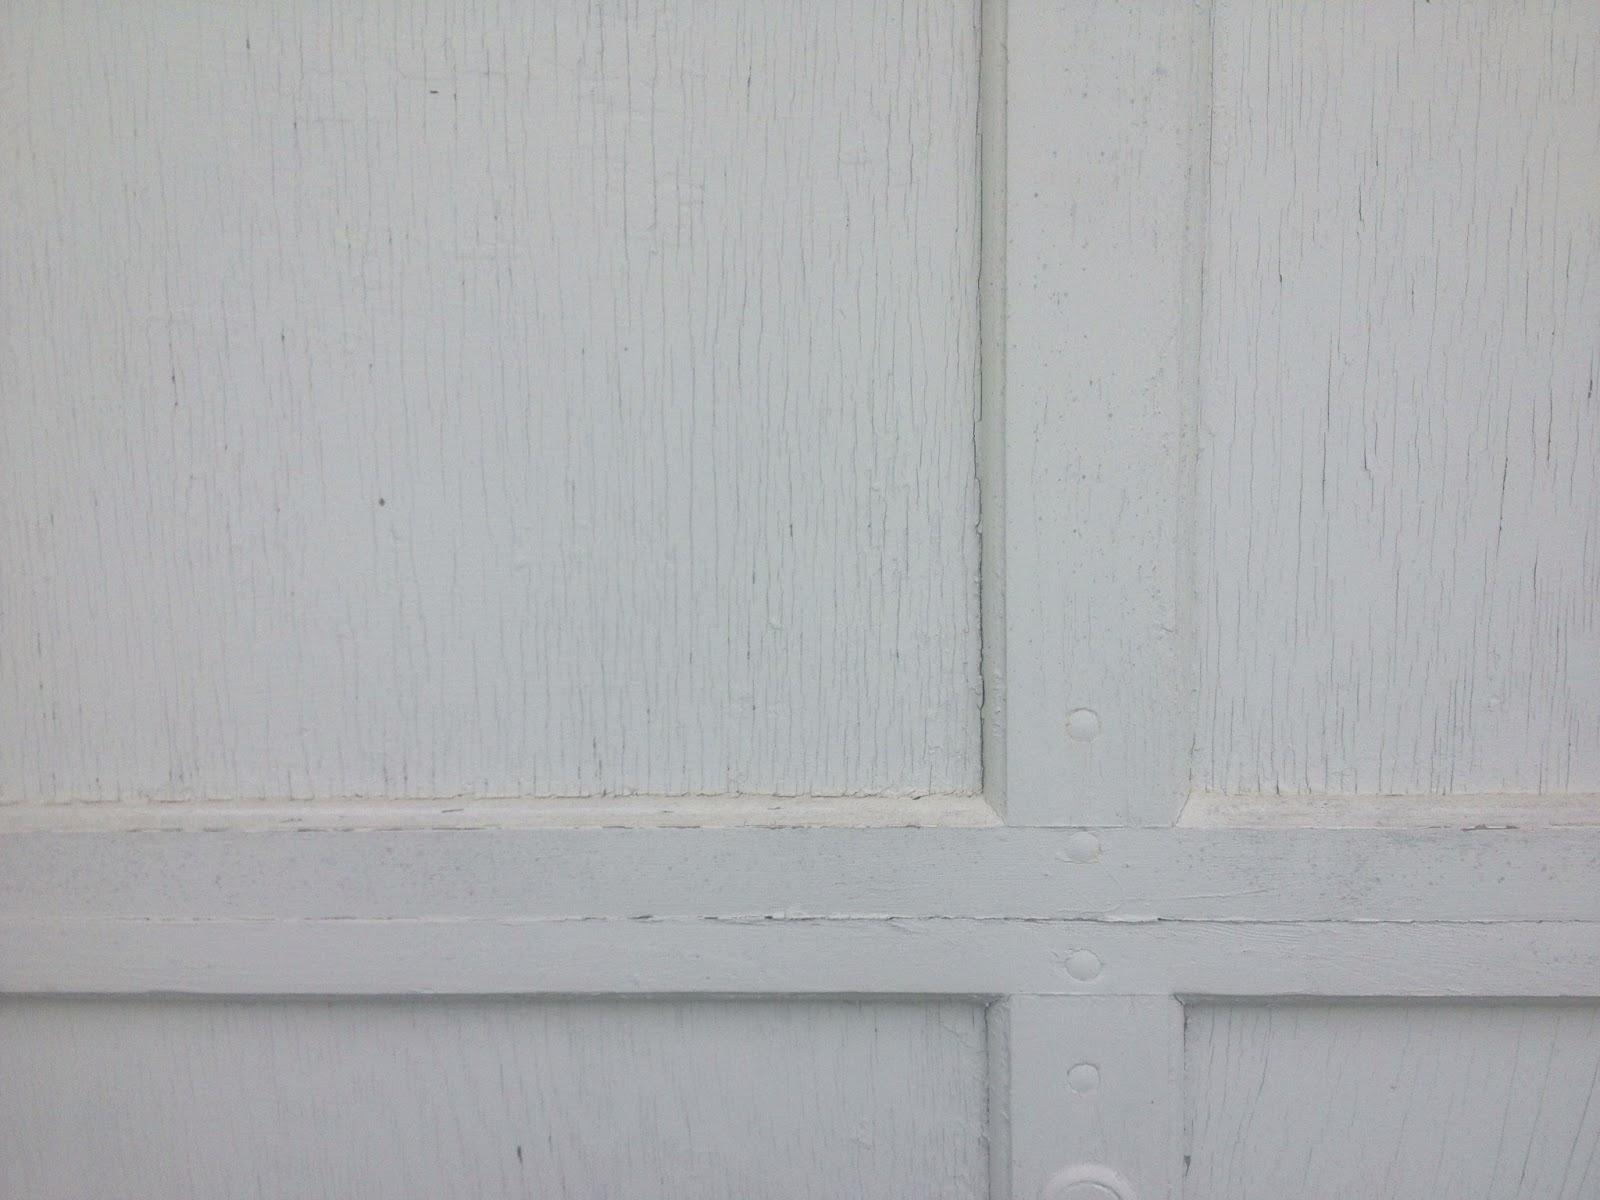 white garage door texture. Garage Door \u0026 Front White Texture